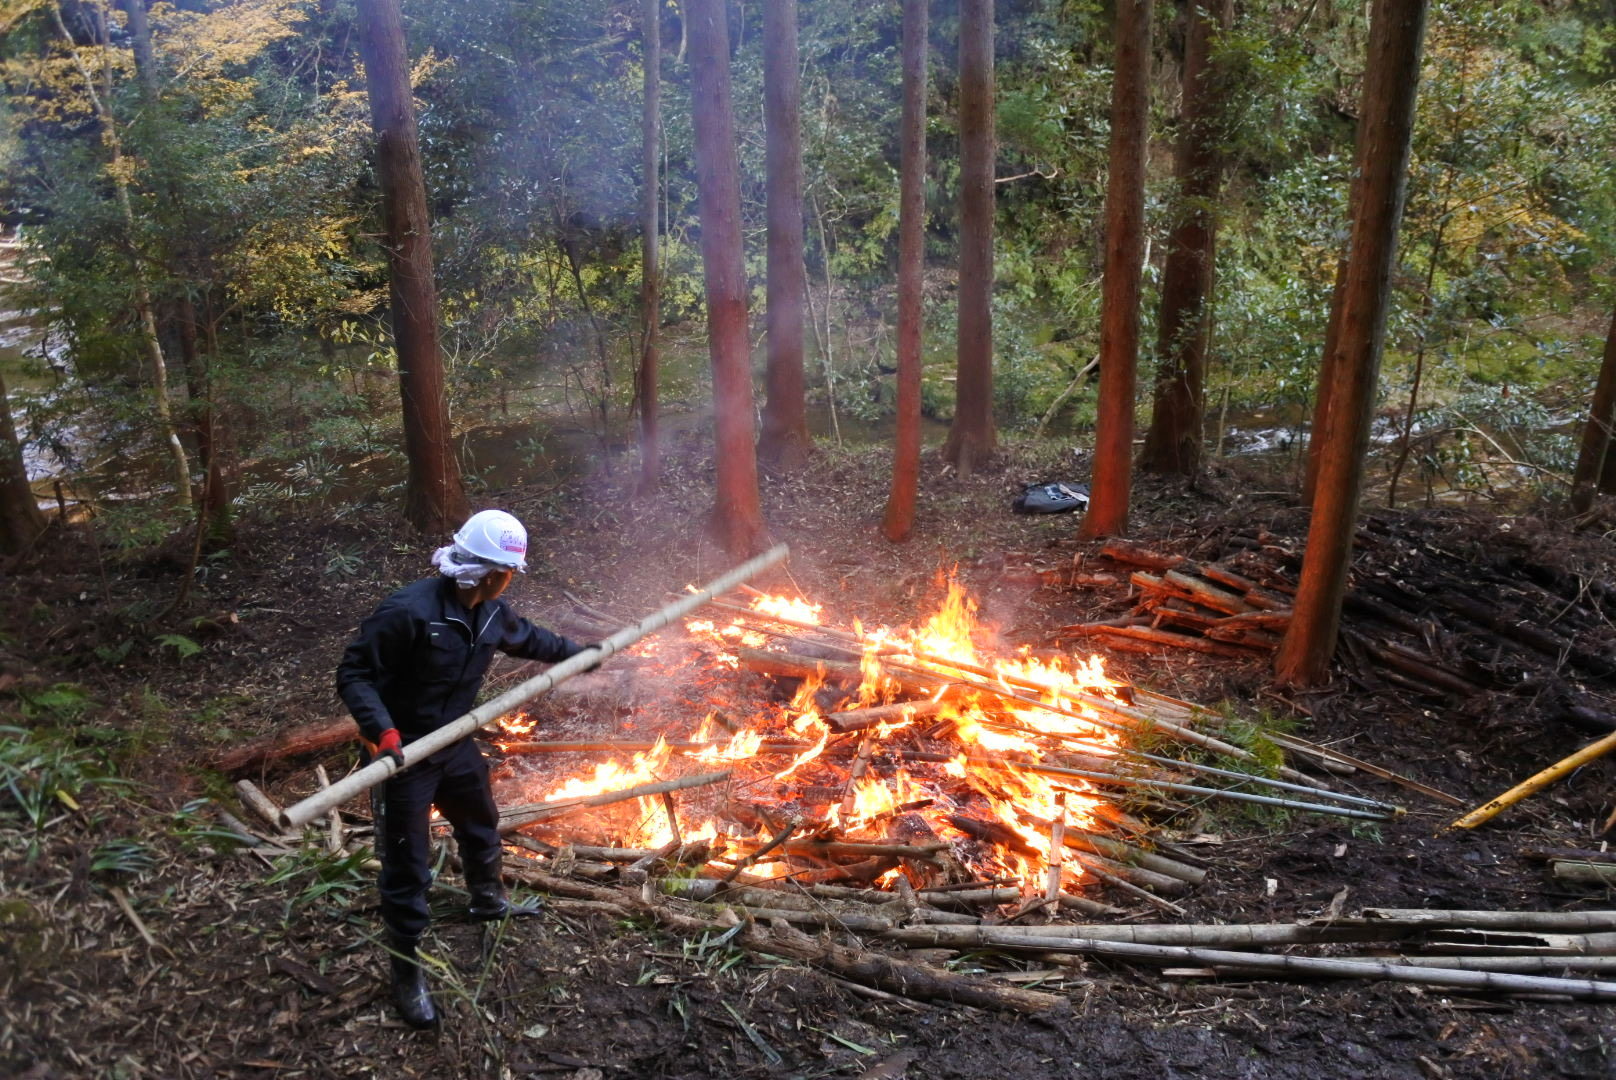 伐った竹はそのままたき火にくべる。チクリンジャーの活動にて。 2m離れていても炎の暖かさを感じる